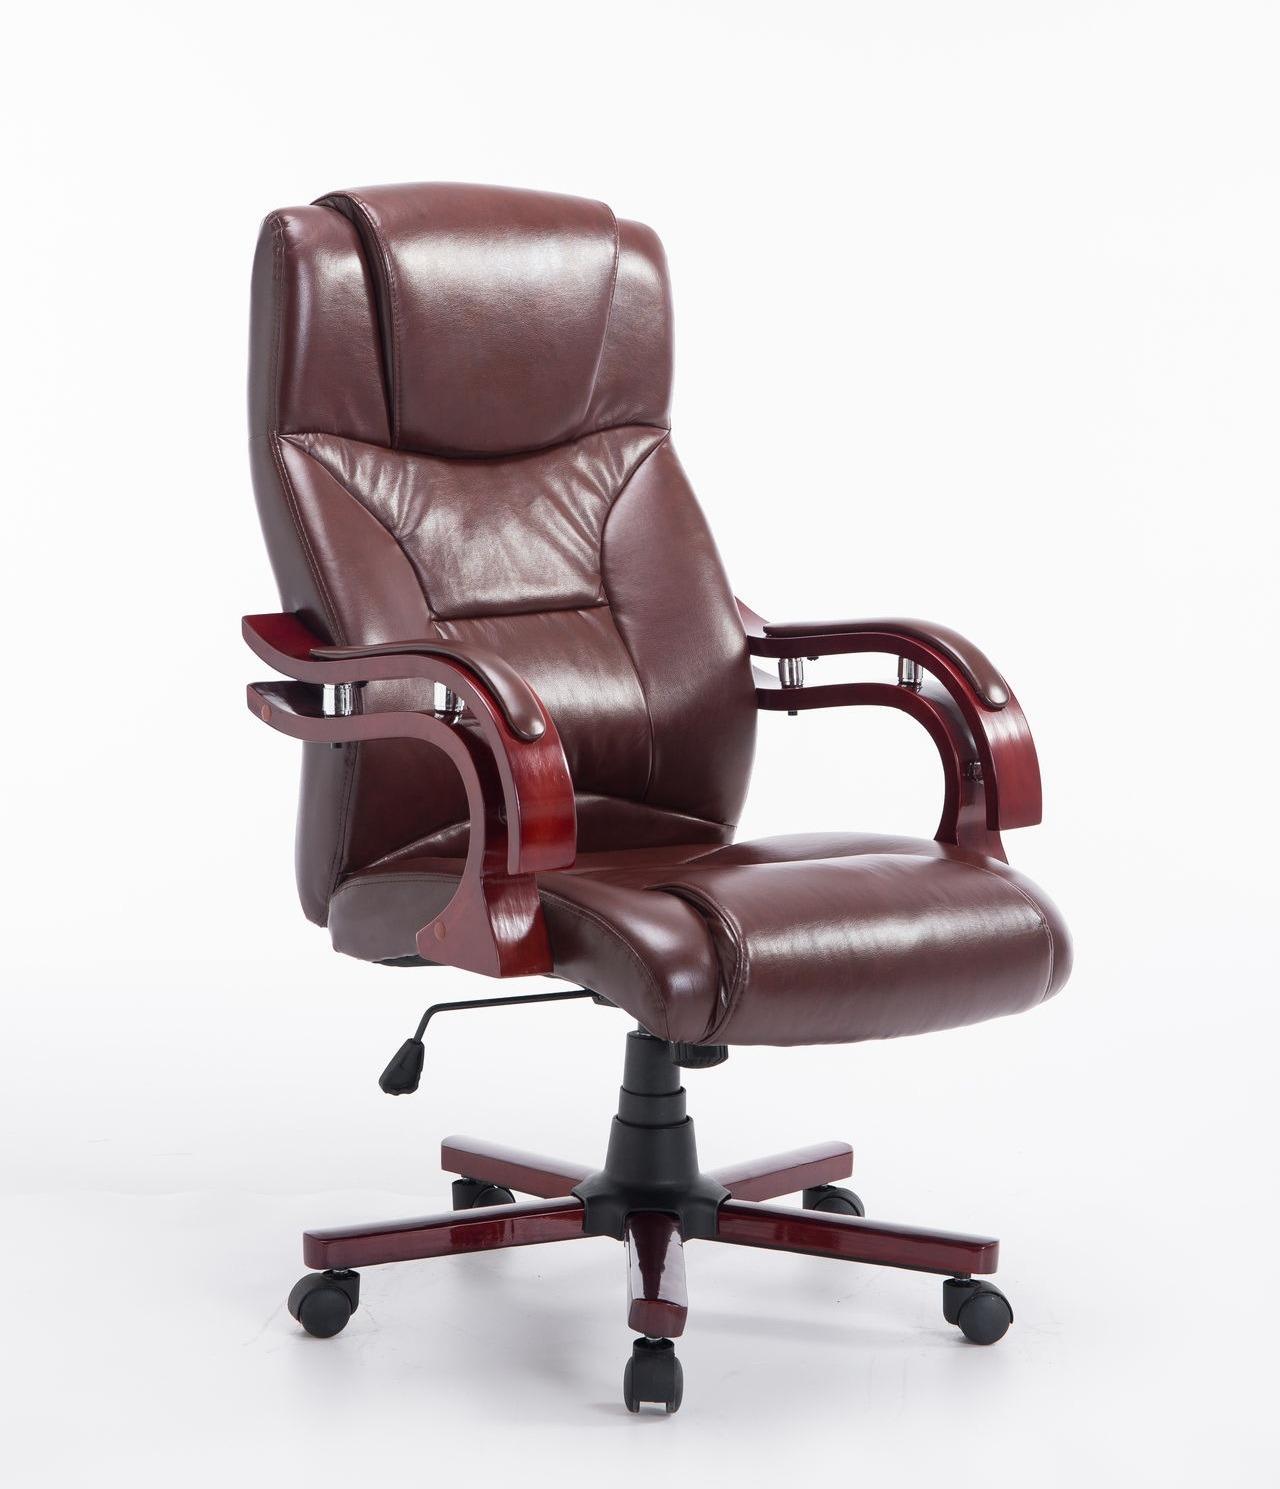 Кресло руководителя ВИП CB10069Кабинет<br><br><br>Длина мм: 580<br>Высота мм: 0<br>Глубина мм: 680